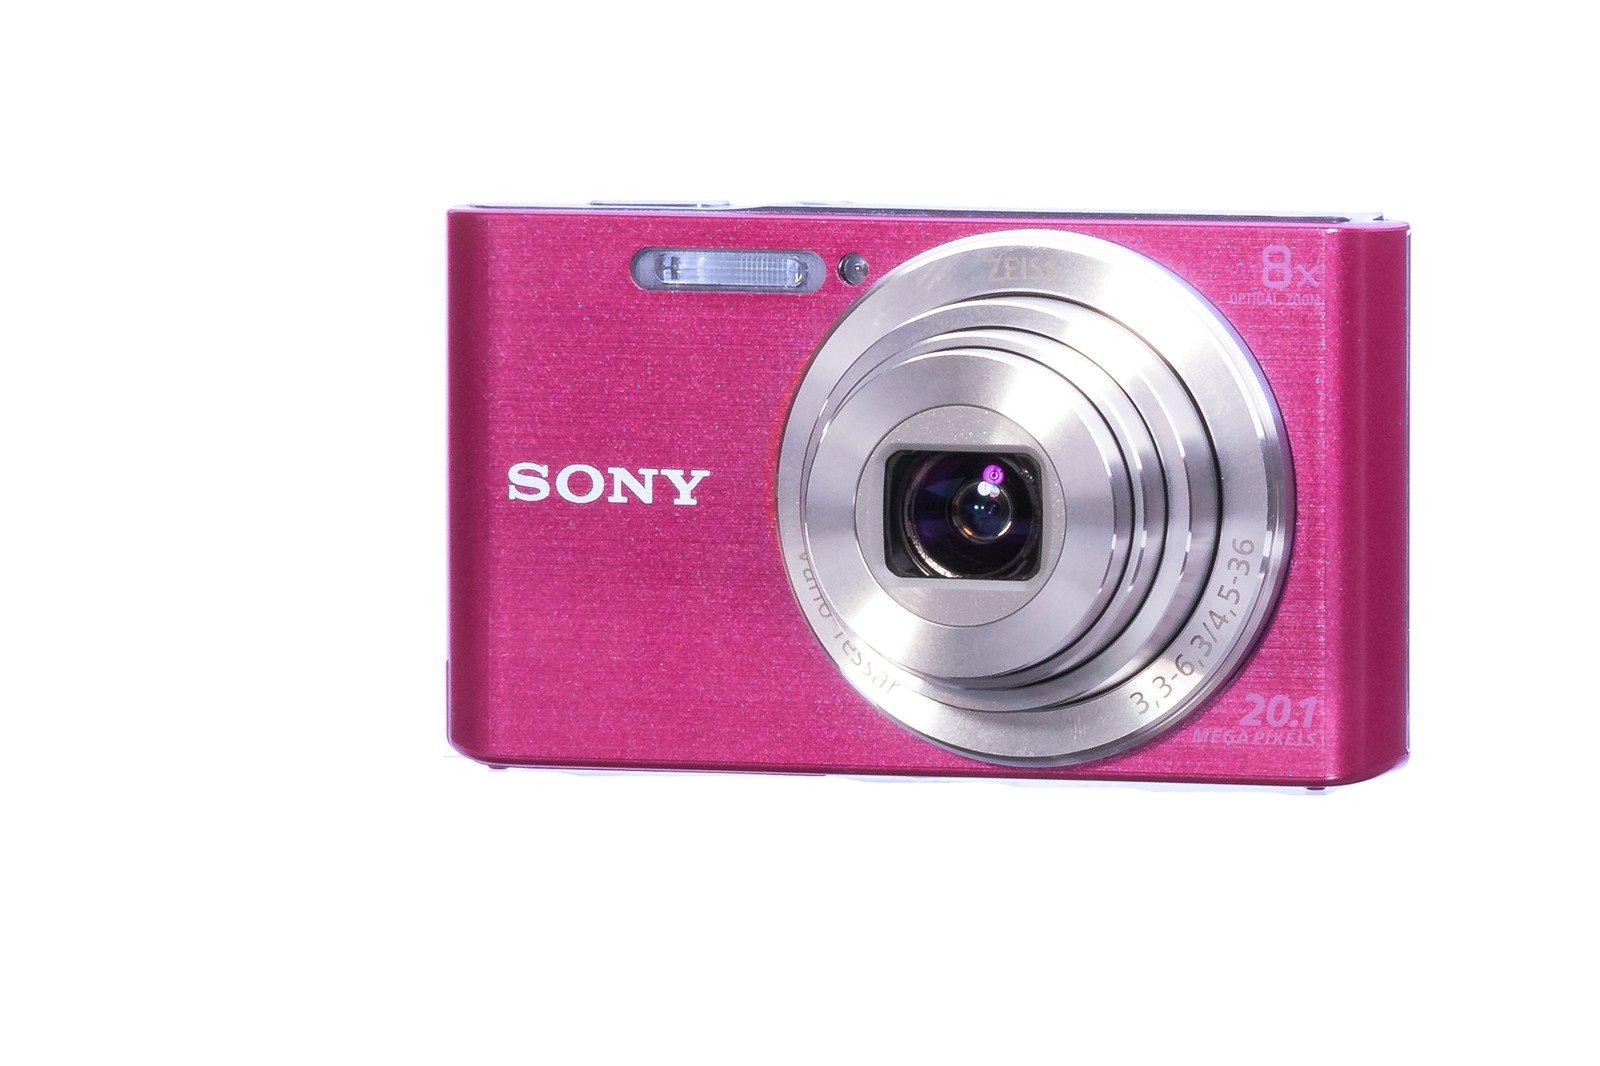 Sony Cyber-shot DSC-W830 Compat Camera 20 1Mpx Zoom 8x Pink Grade B